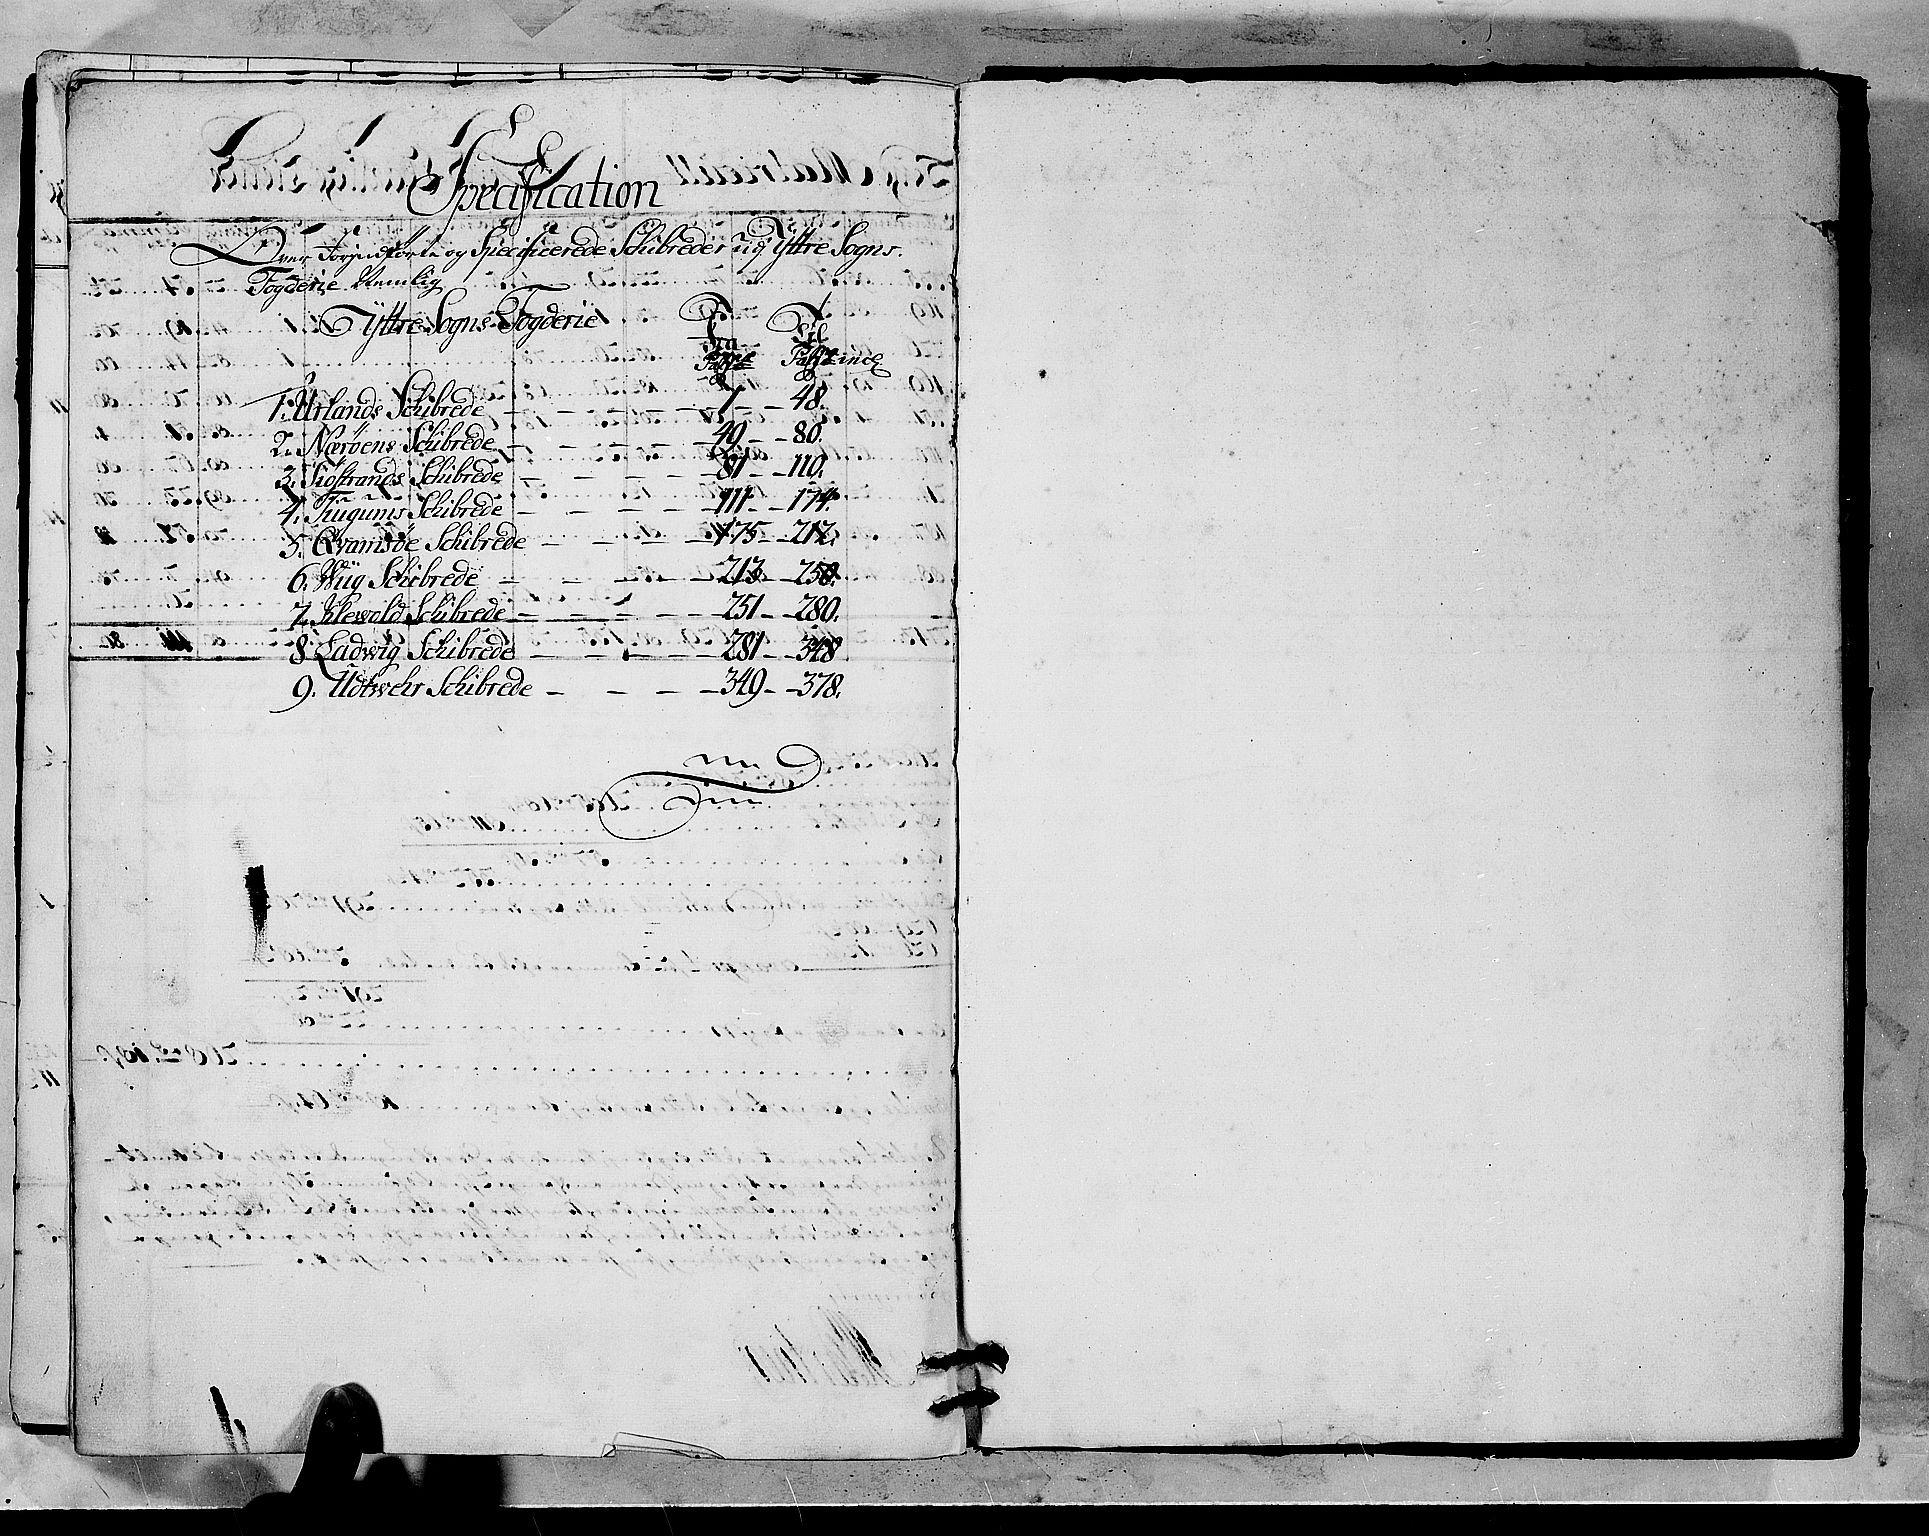 RA, Rentekammeret inntil 1814, Realistisk ordnet avdeling, N/Nb/Nbf/L0145: Ytre Sogn matrikkelprotokoll, 1723, s. upaginert